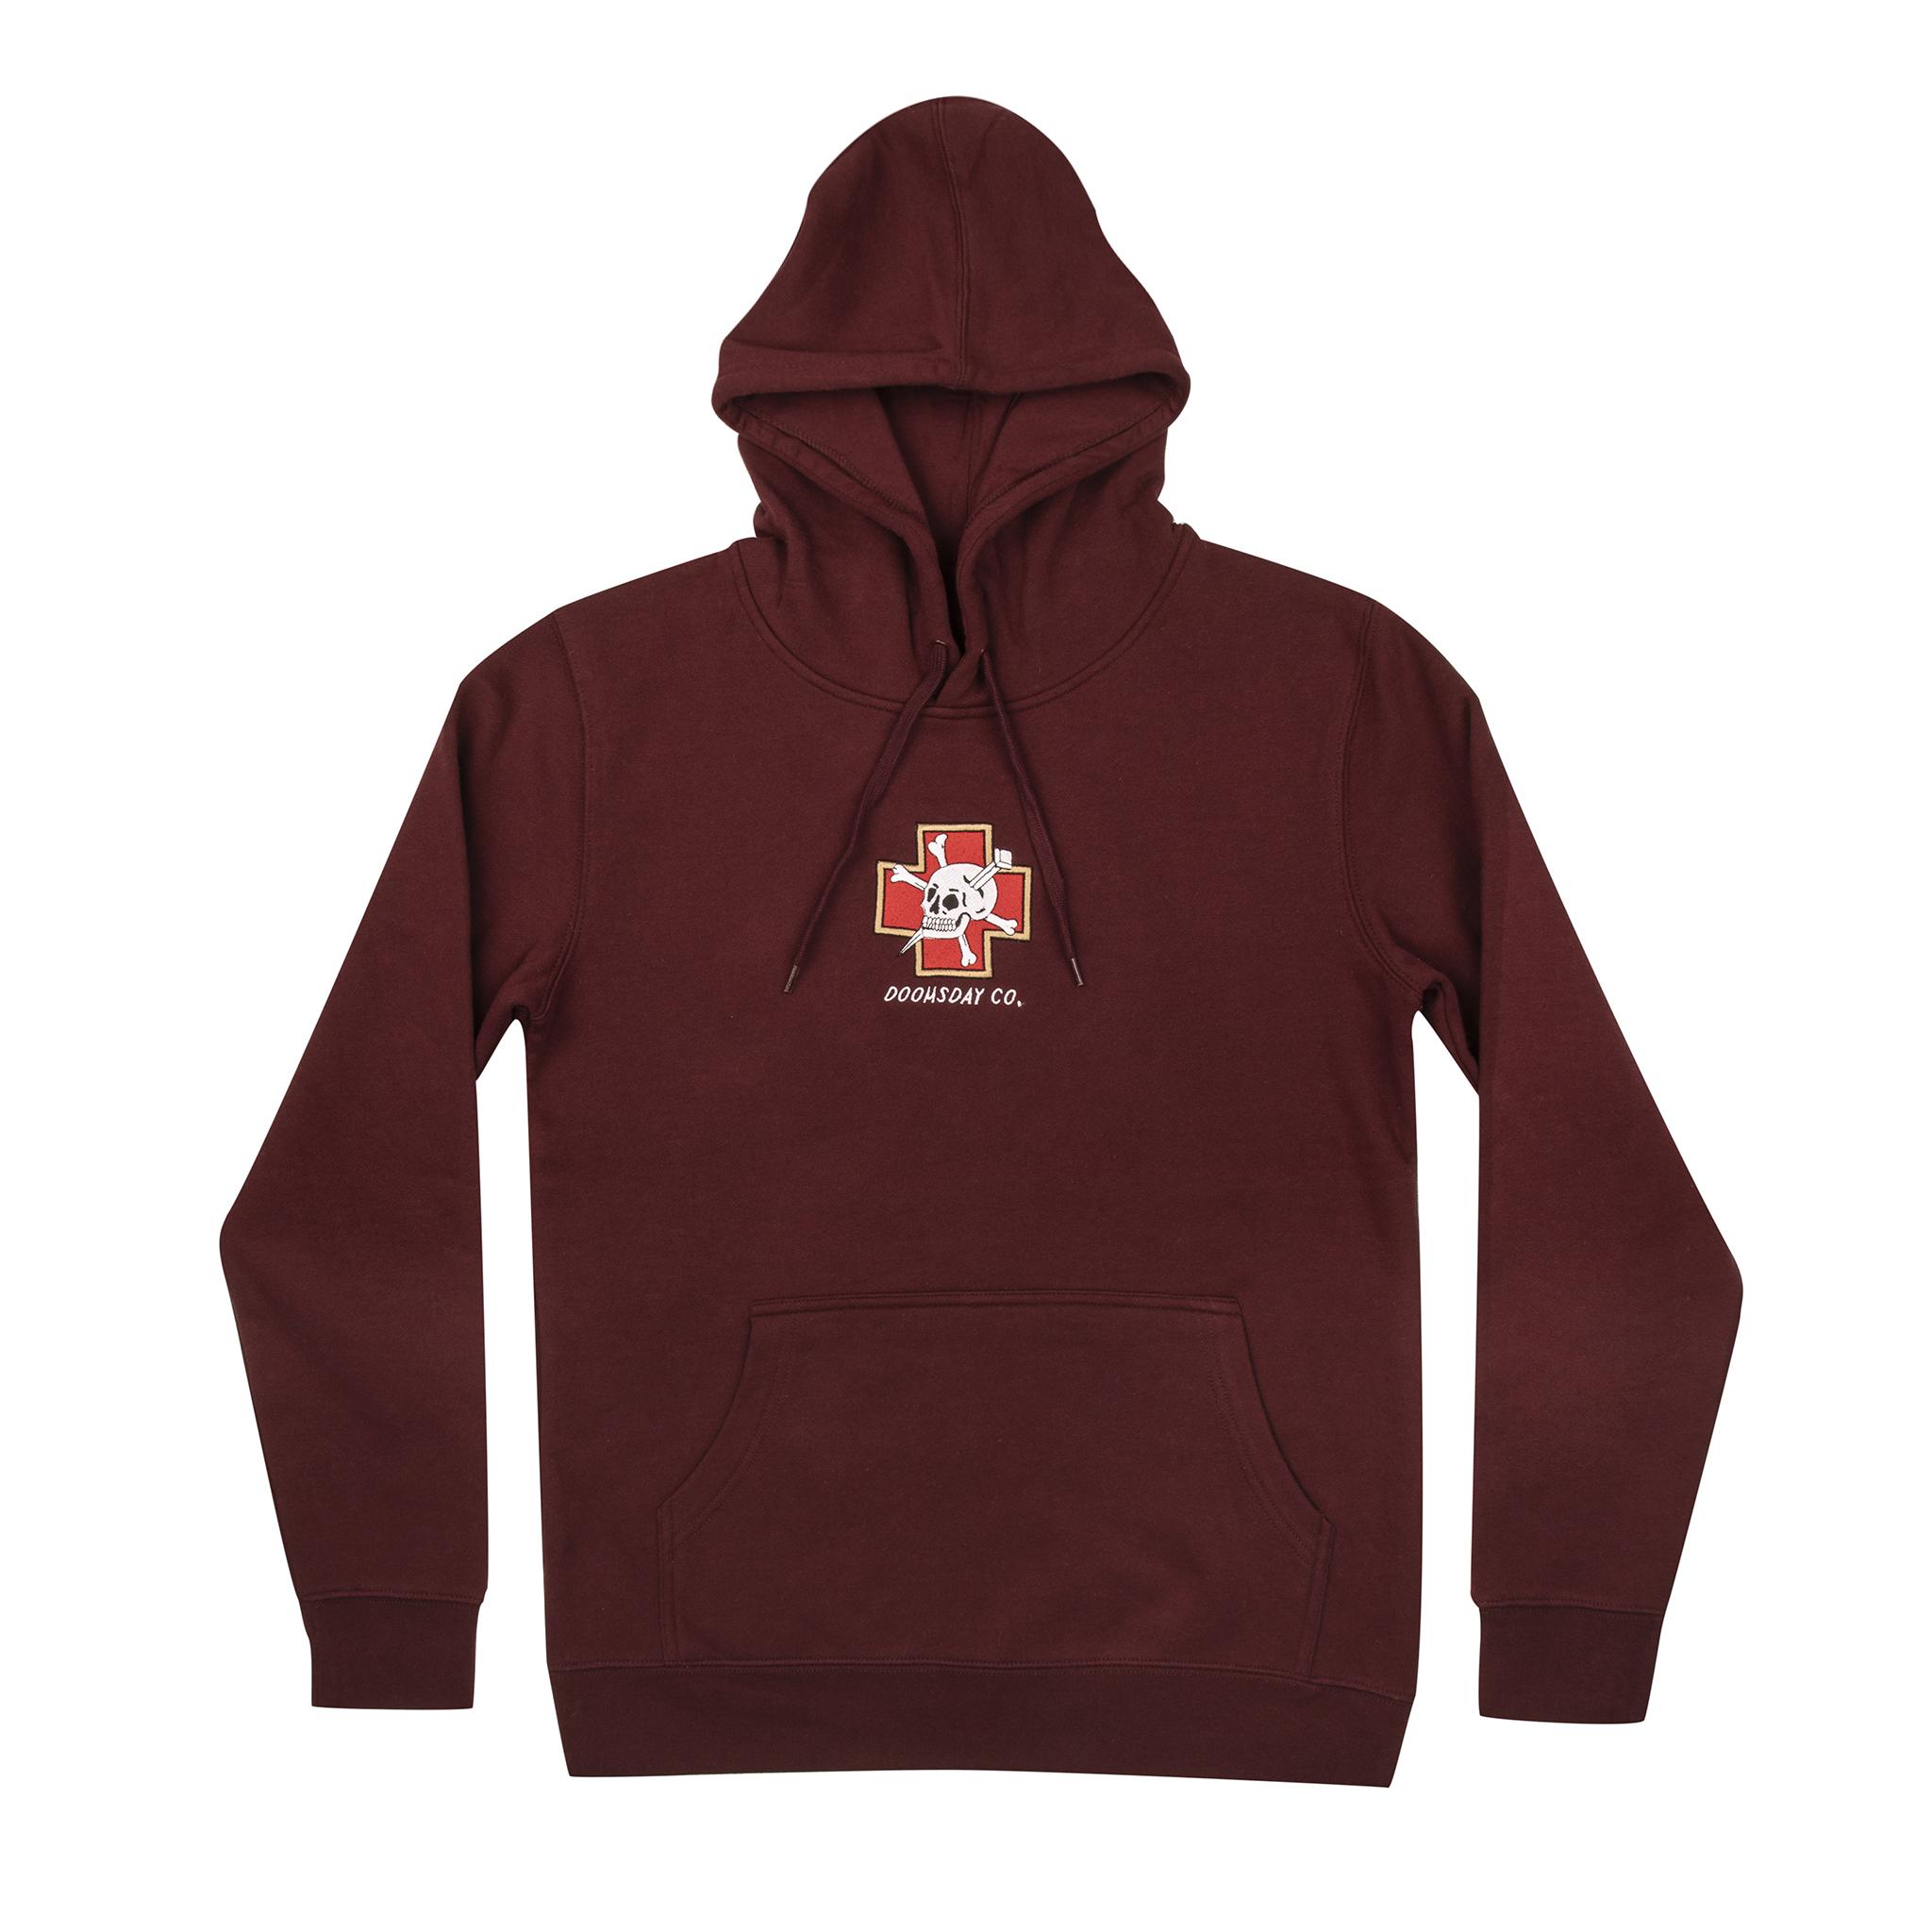 hoodie 6 new.jpg